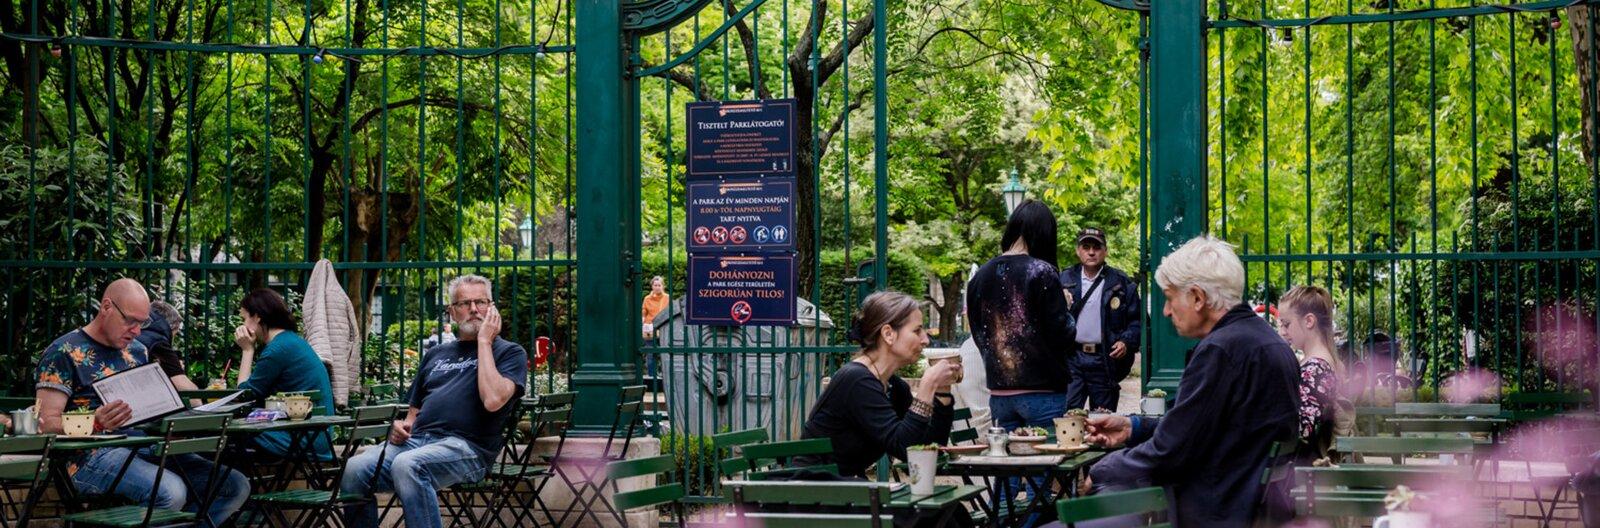 Budapest's best garden bars and restaurants